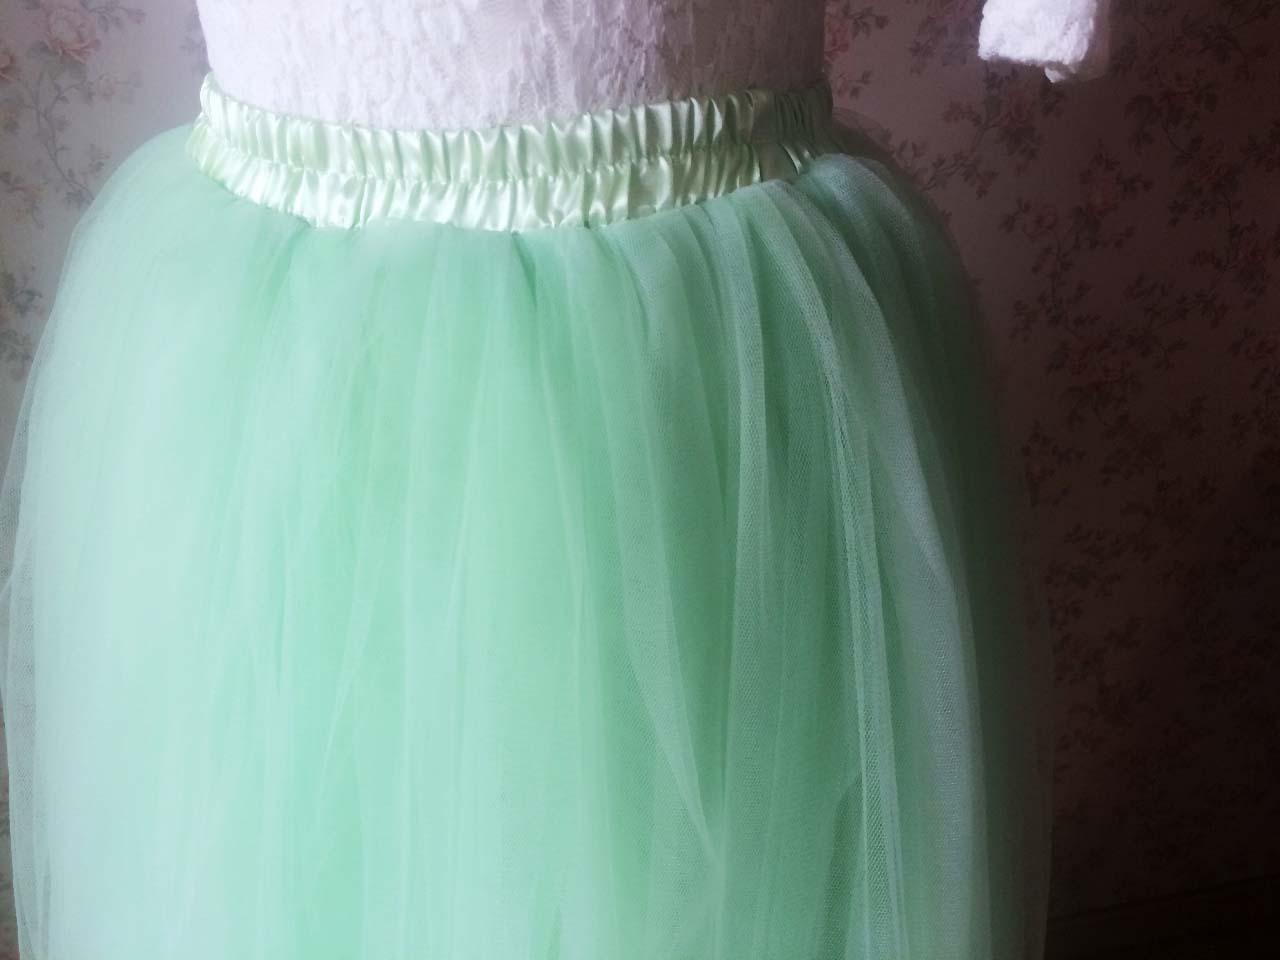 MINT GREEN Maxi Length Women Full Tulle Skirt Plus Size Bachelorette Tulle Skirt